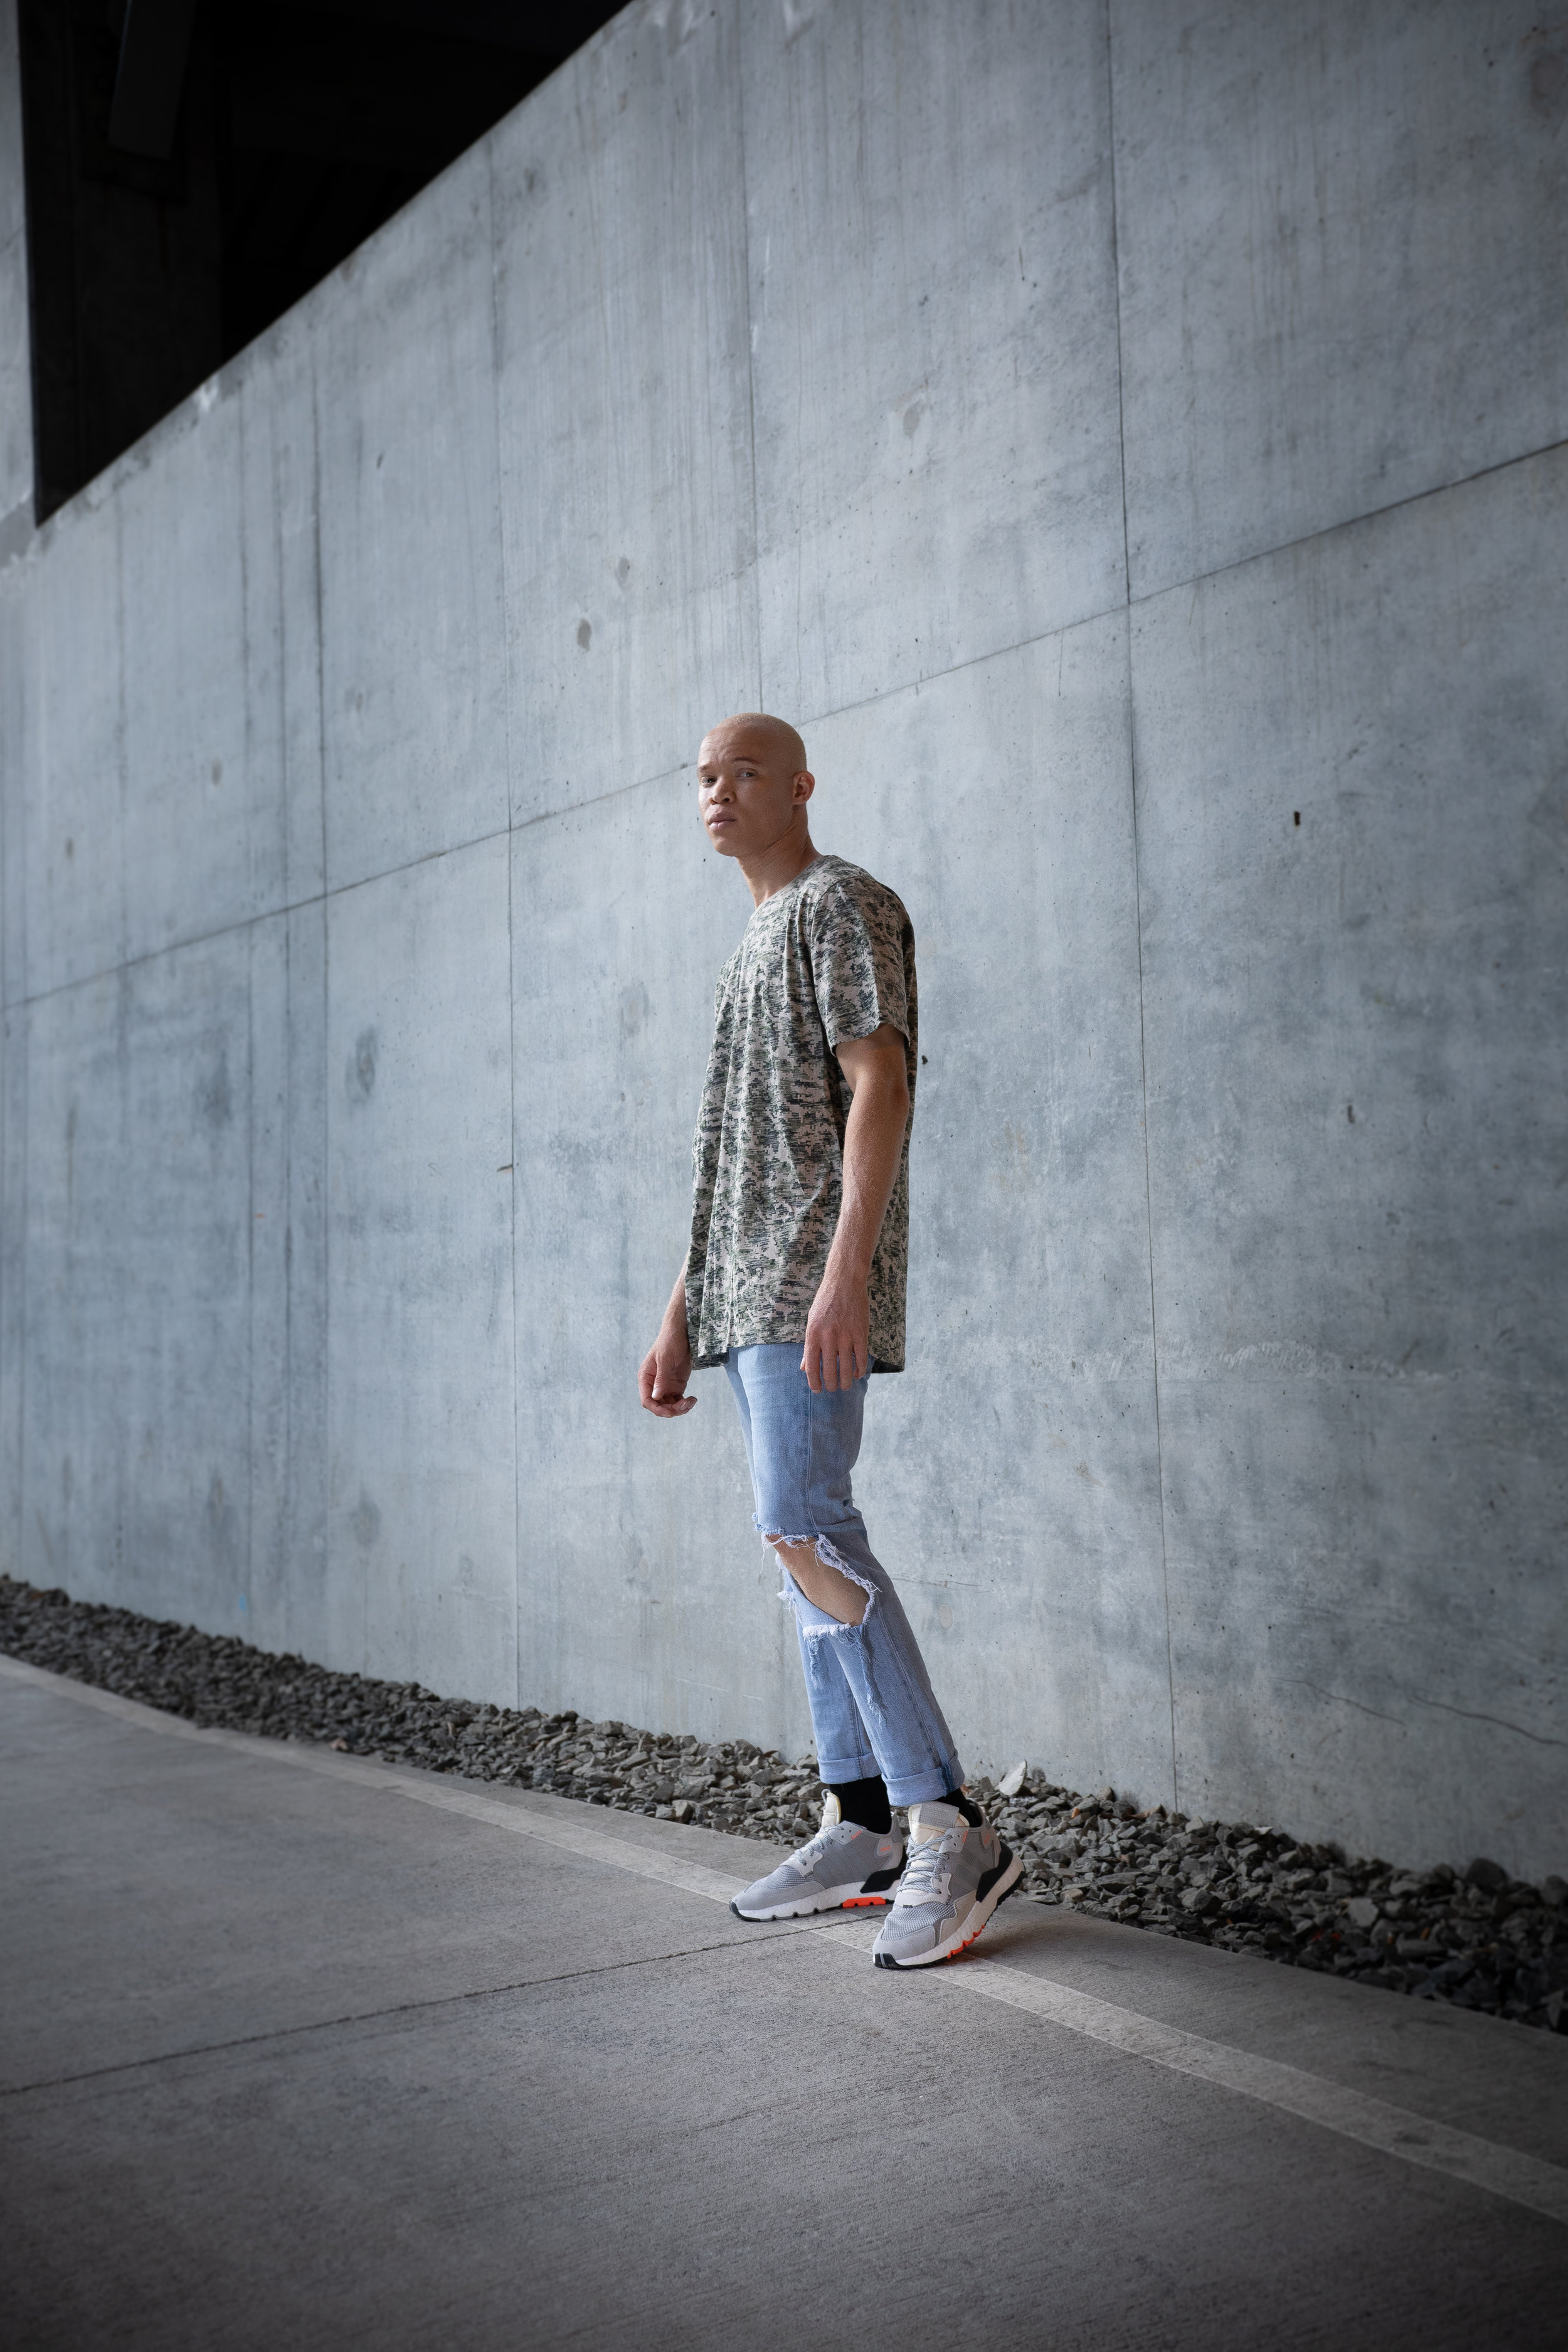 BRI19H-Adidas_Stills_Weah_Day_07.jpg